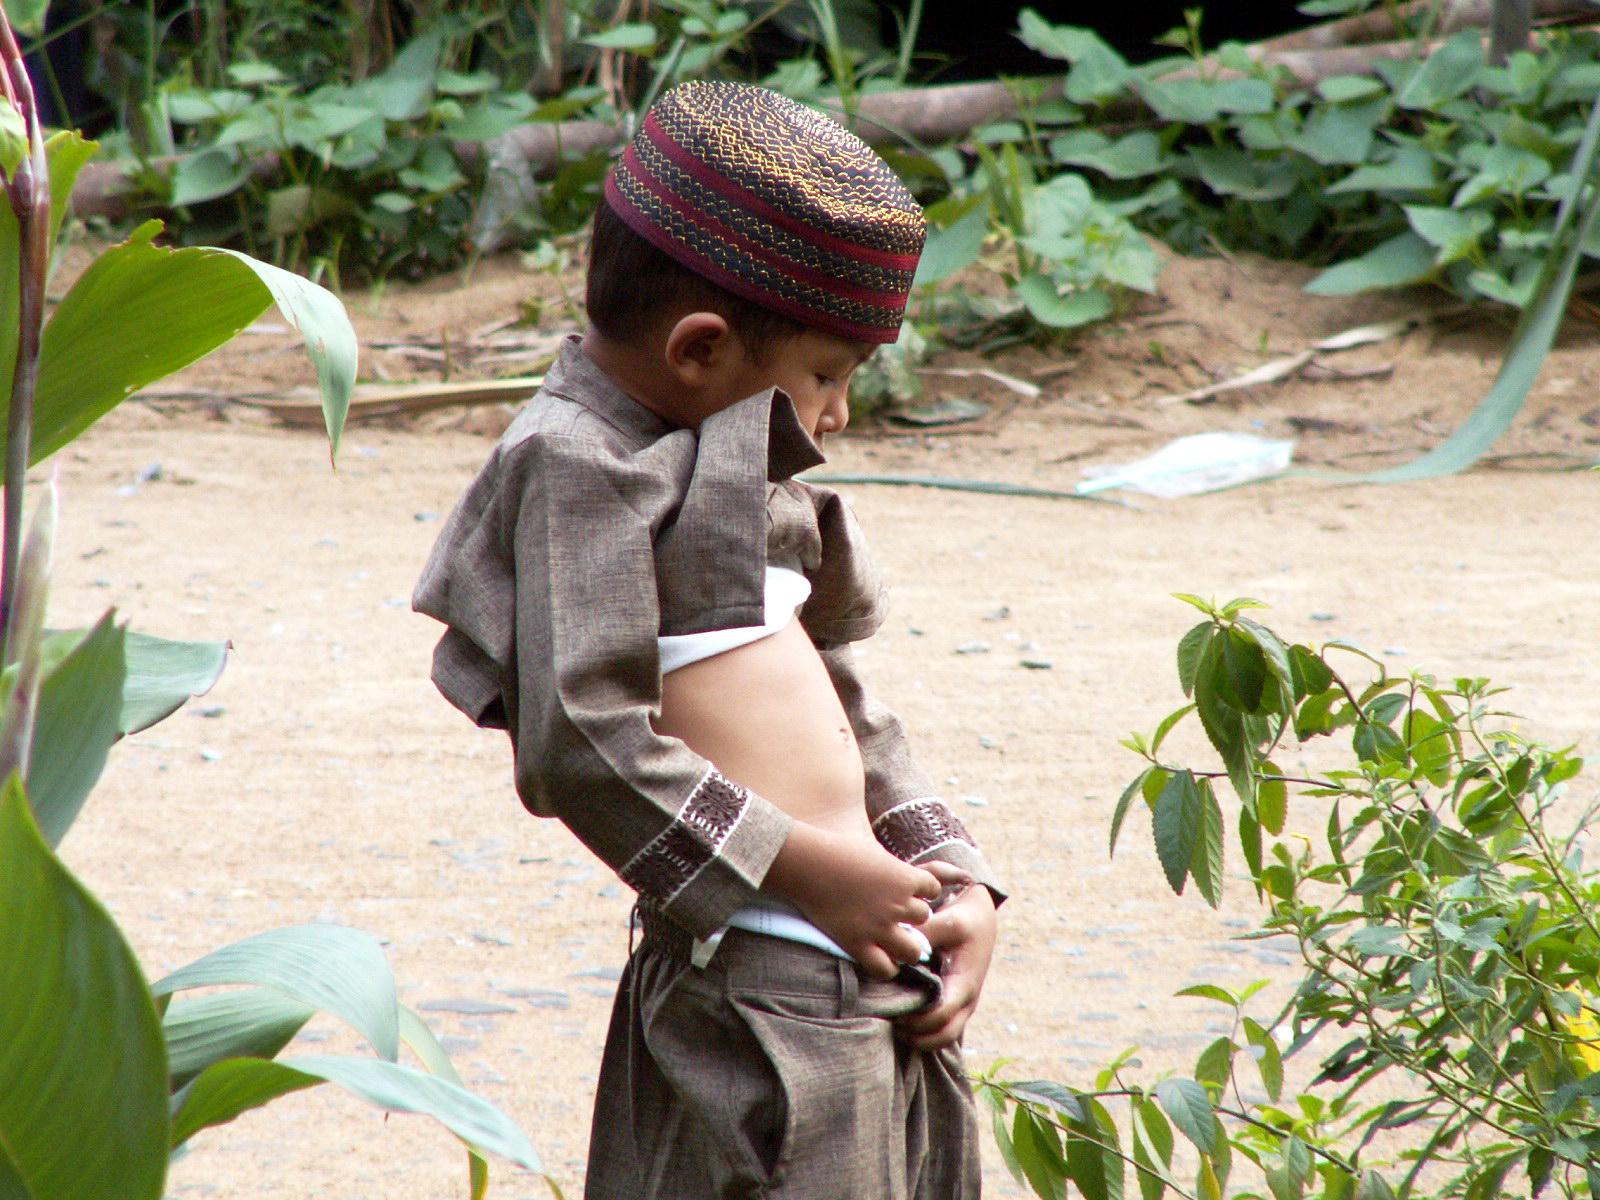 nudist kid pee imgsr.ru trousers pee images - usseek.com